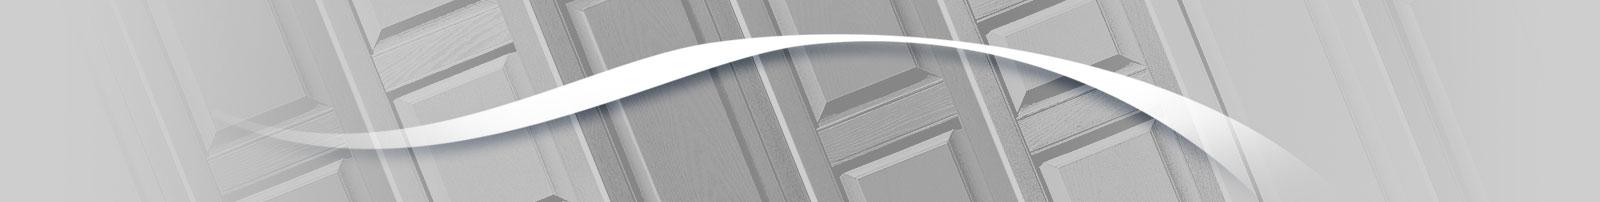 Custom vinyl panel shutters